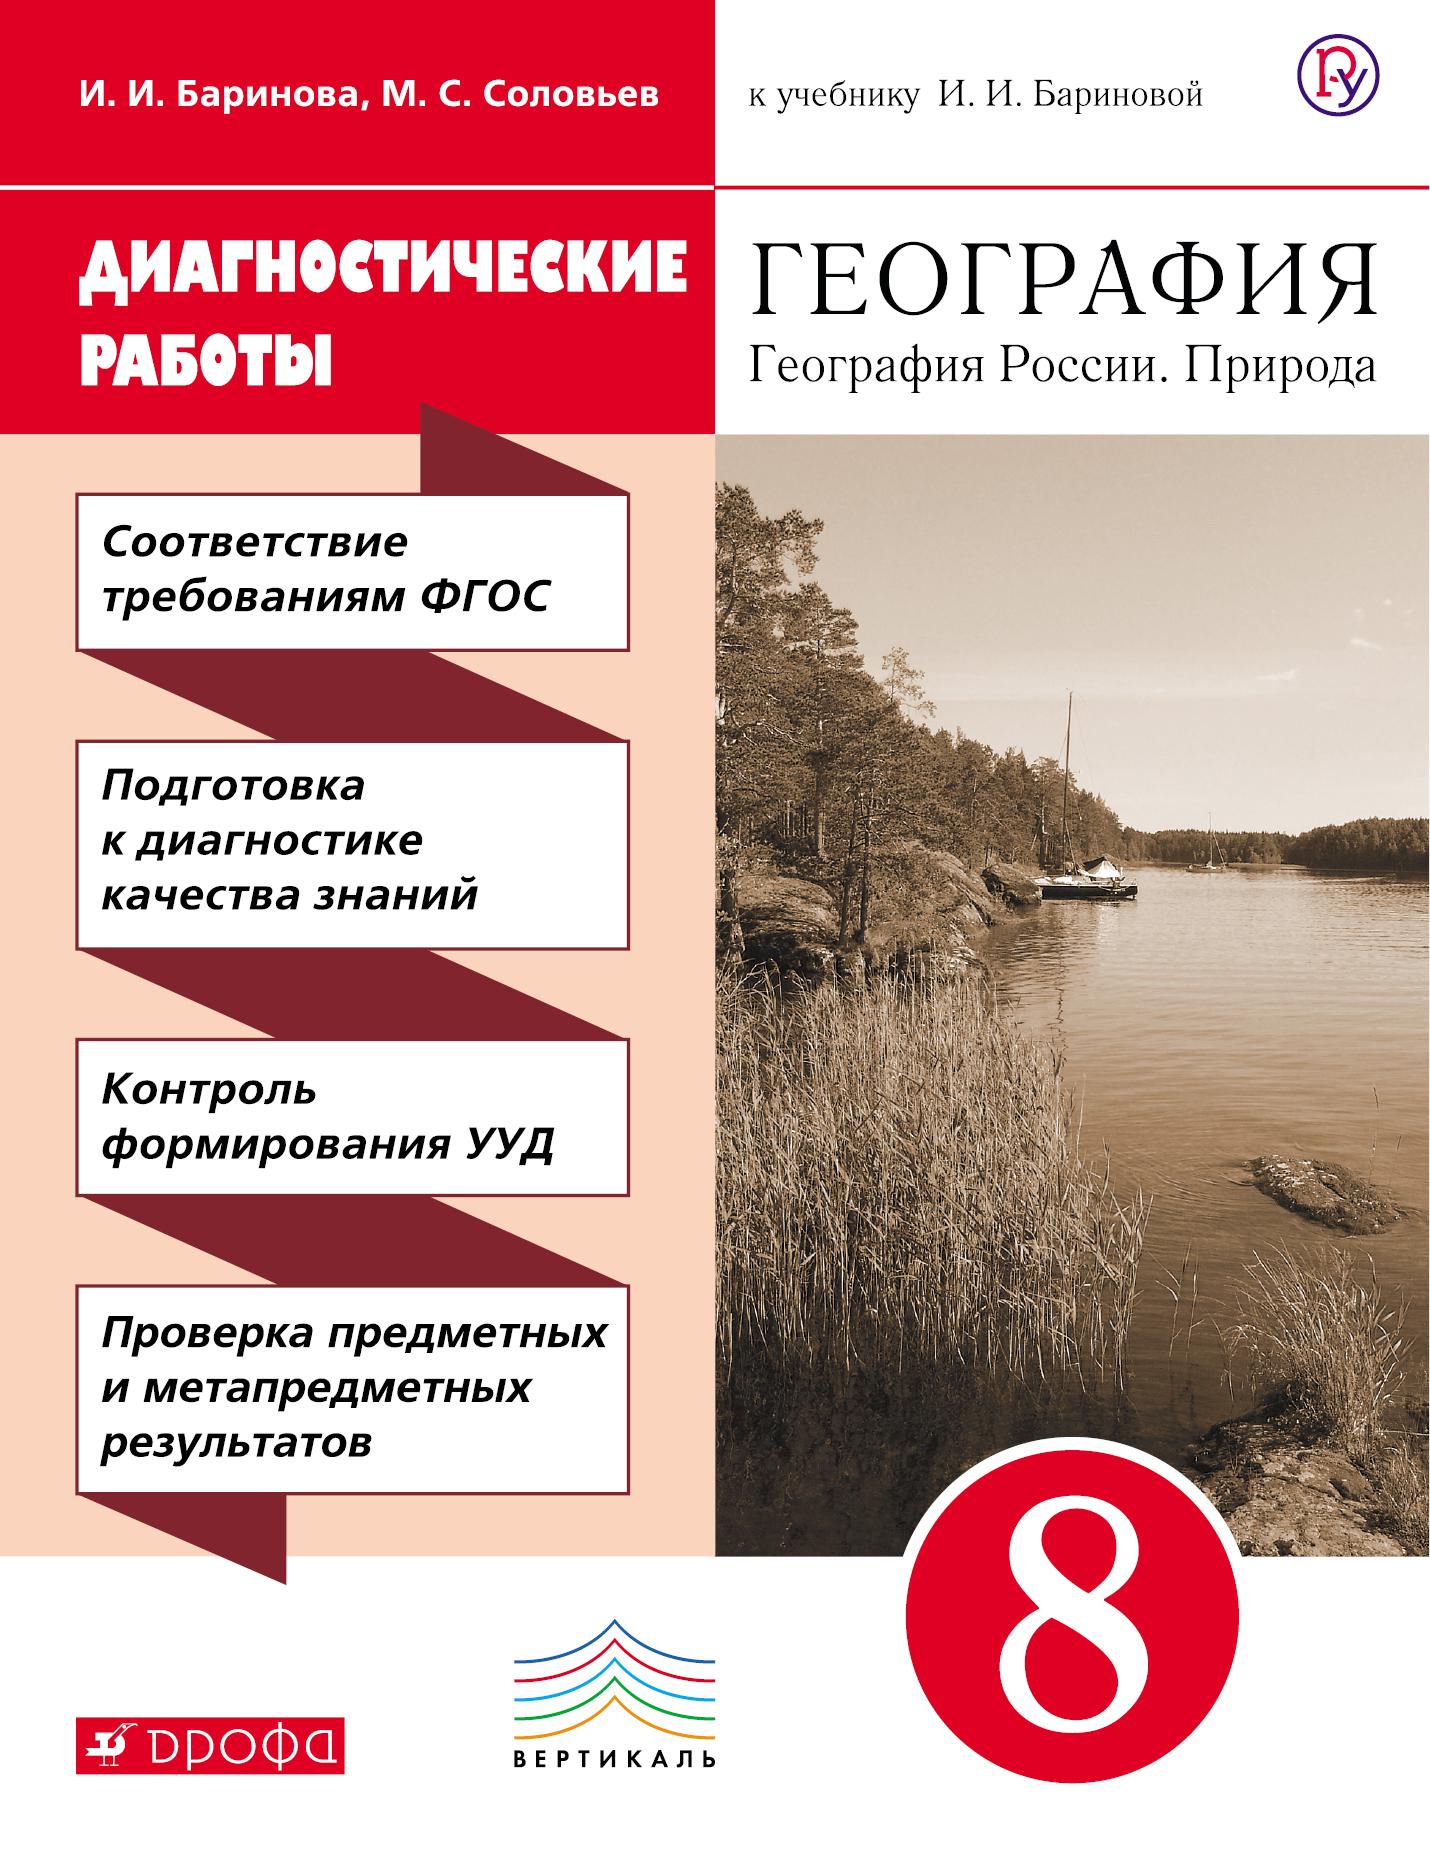 Диагностические работы к учебнику И. И. Бариновой «География России. Природа. 8 класс» от book24.ru